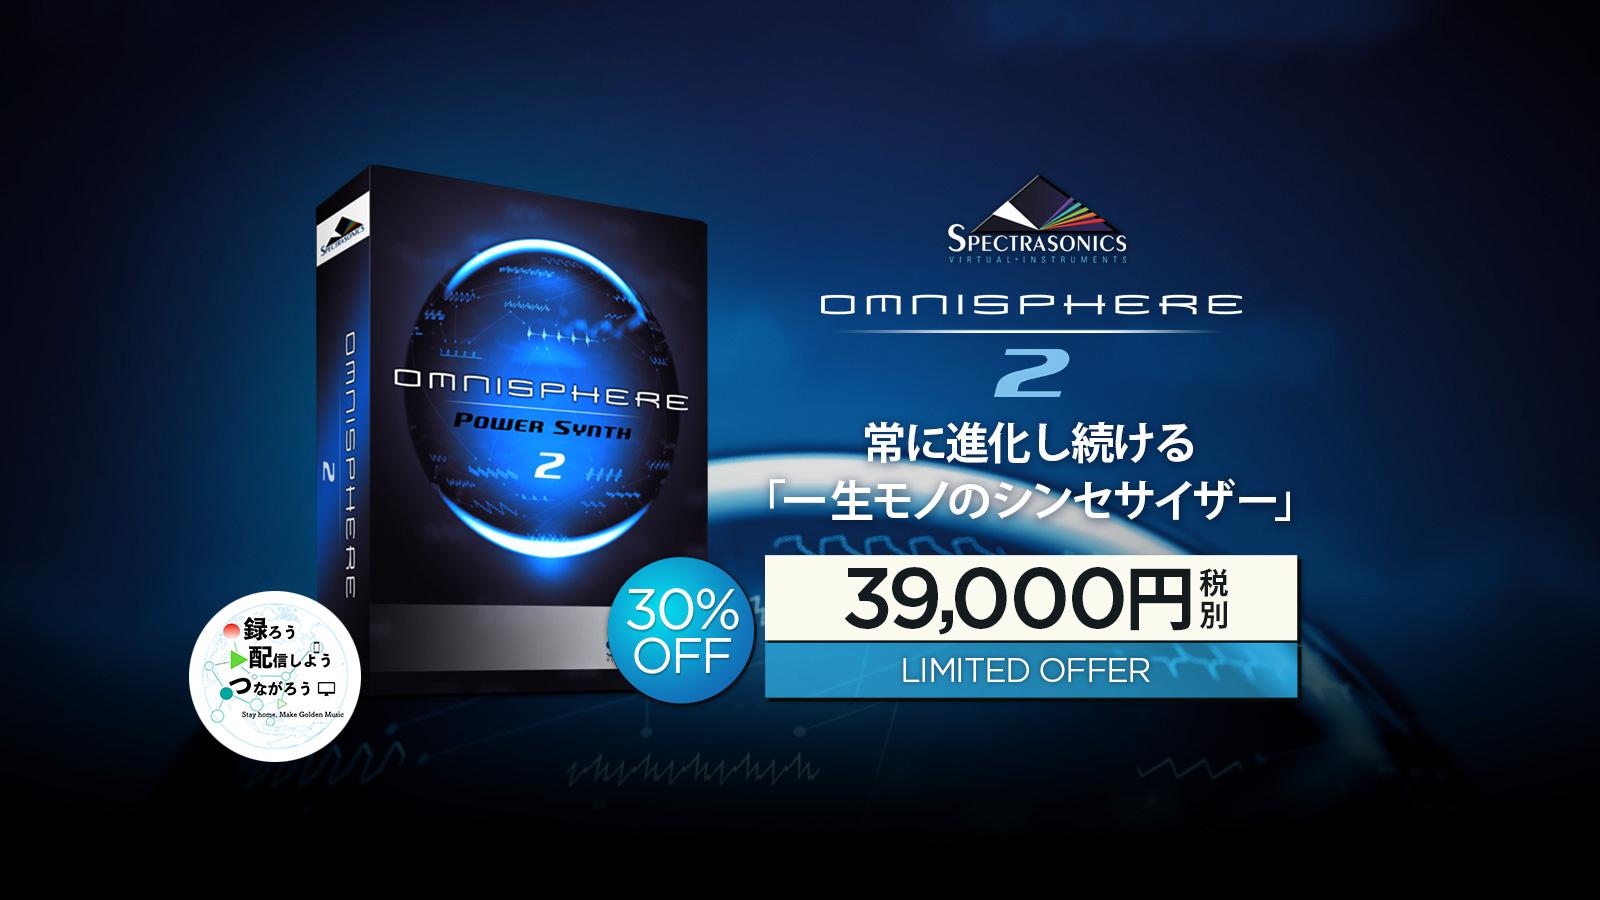 """<h2 class=""""title"""">ソフトシンセの頂点をいくSpectrasonics Omnisphere 2が今だけ国内限定セールプライス!</h2>"""